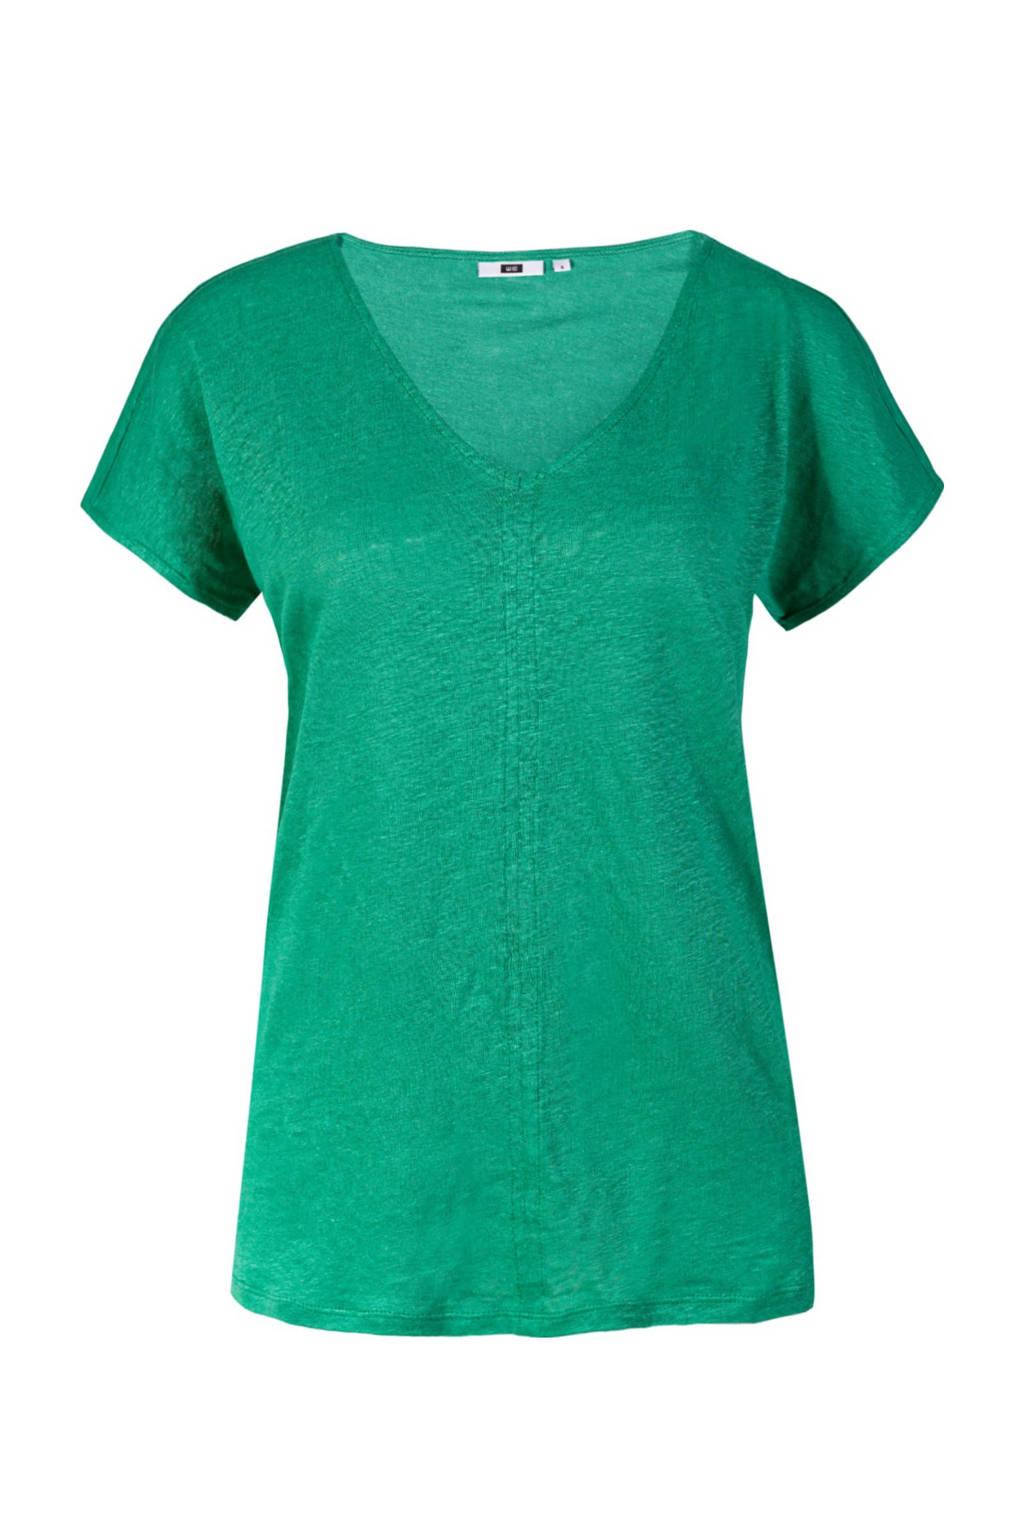 WE Fashion linnen T-shirt groen, Groen